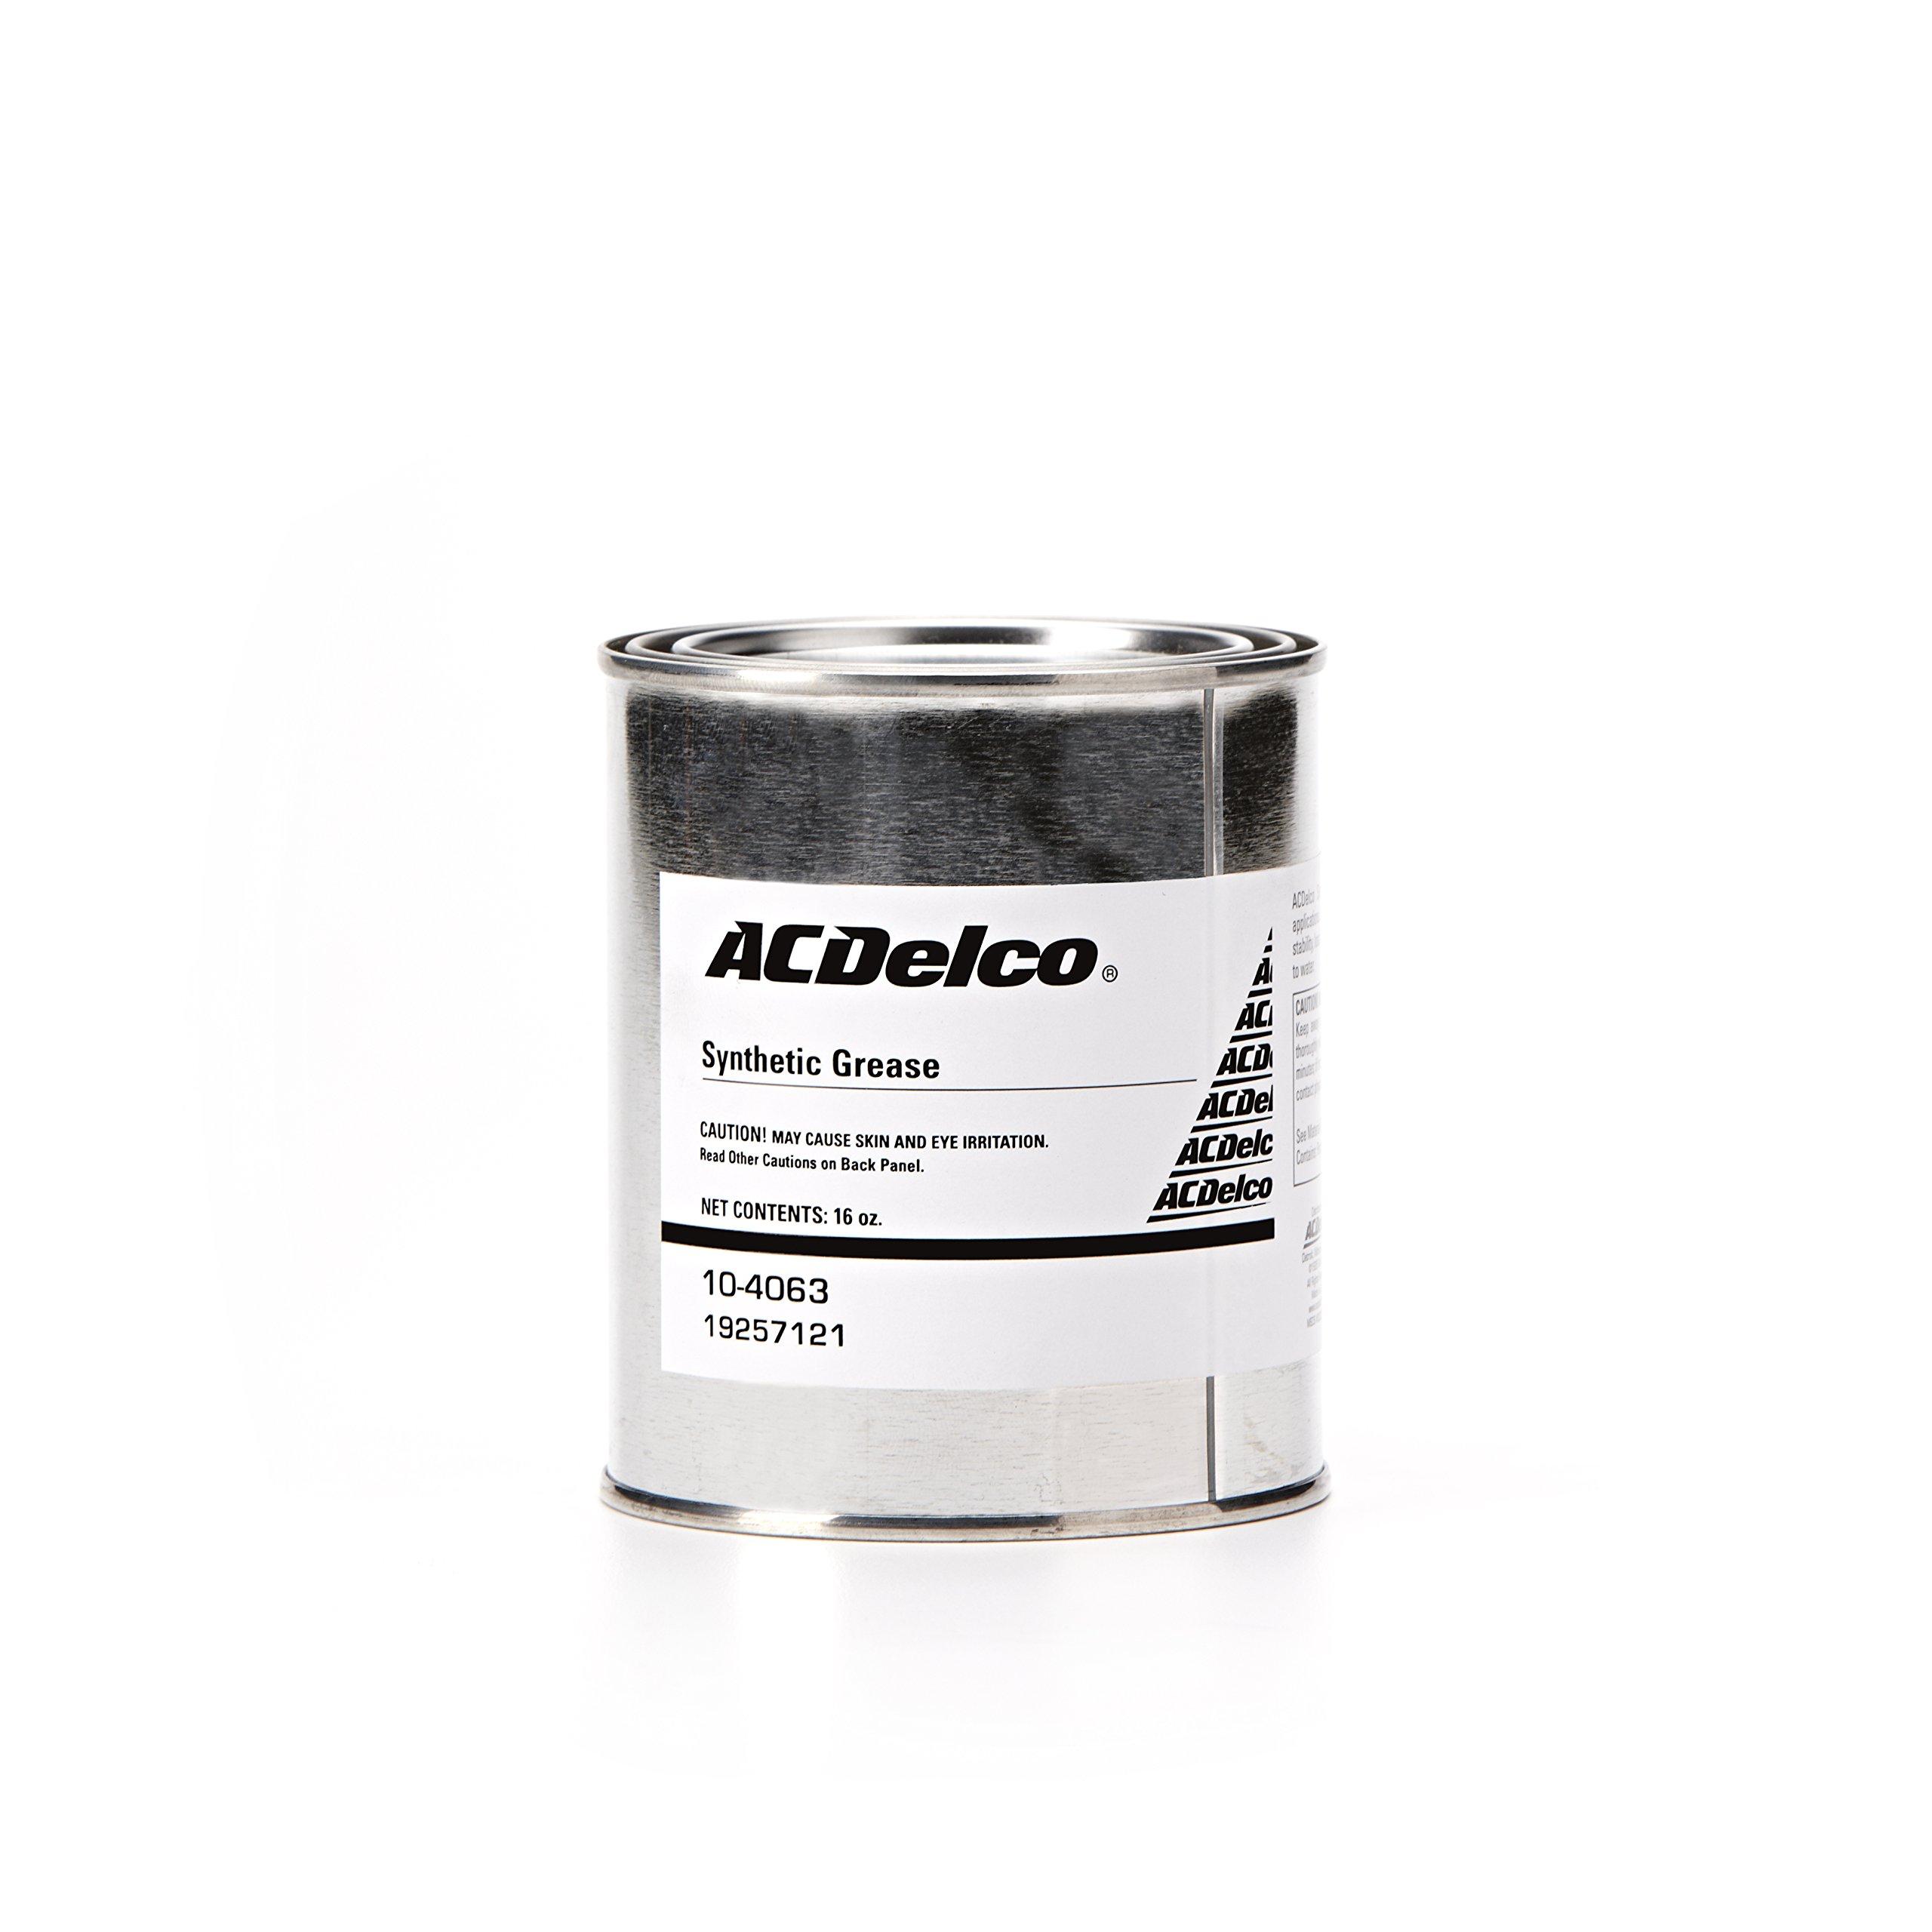 ACDelco 10-4063 Multi-Purpose Lubriplate Lubricant - 1 lb